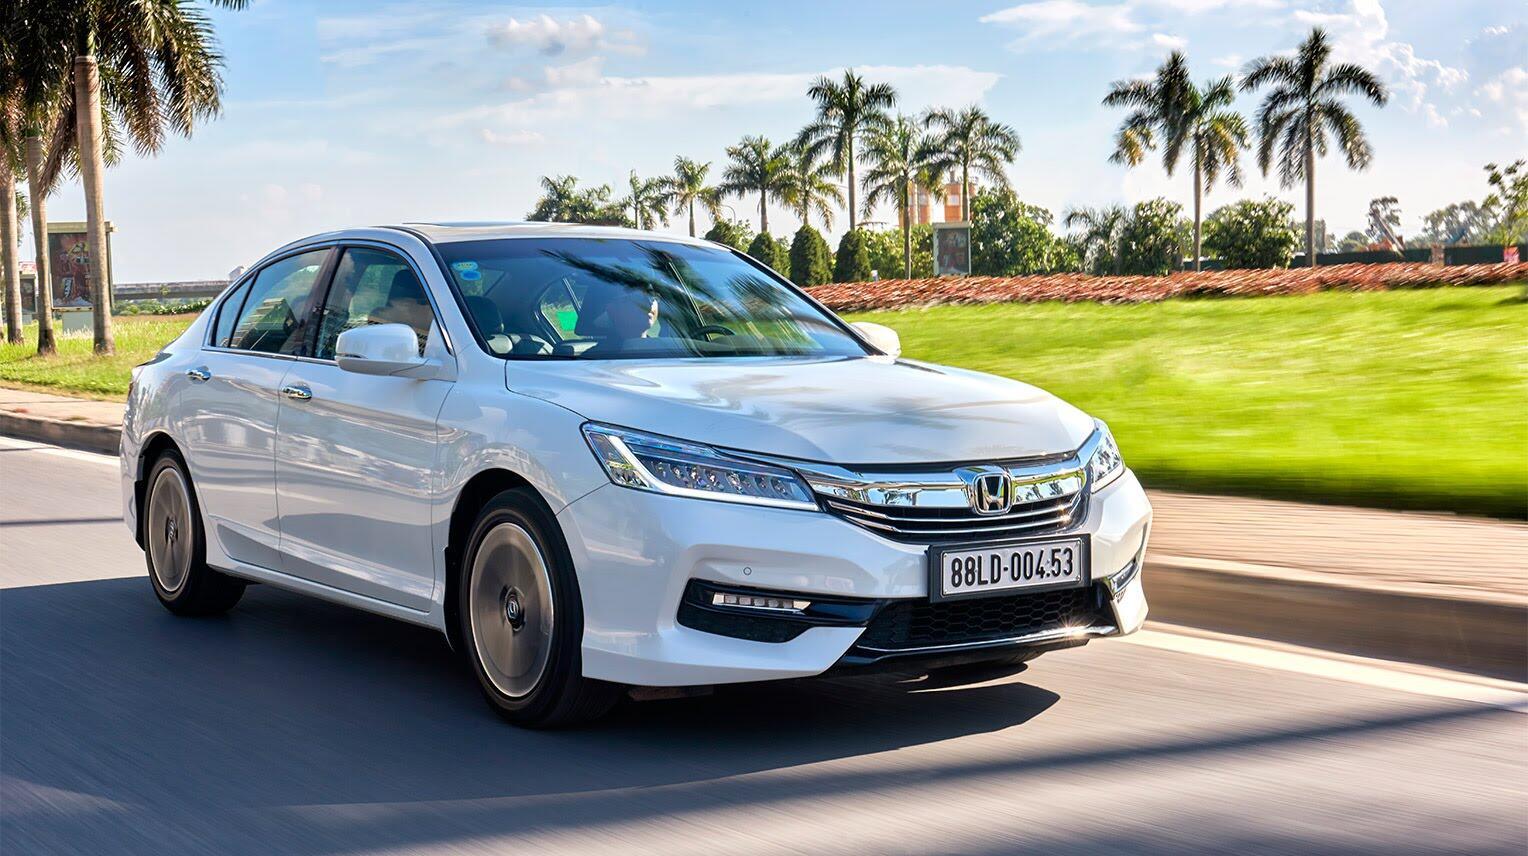 Đánh giá Honda Accord 2016: Ưa nhìn hơn, trang bị tốt hơn và lái phấn khích hơn - Hình 29